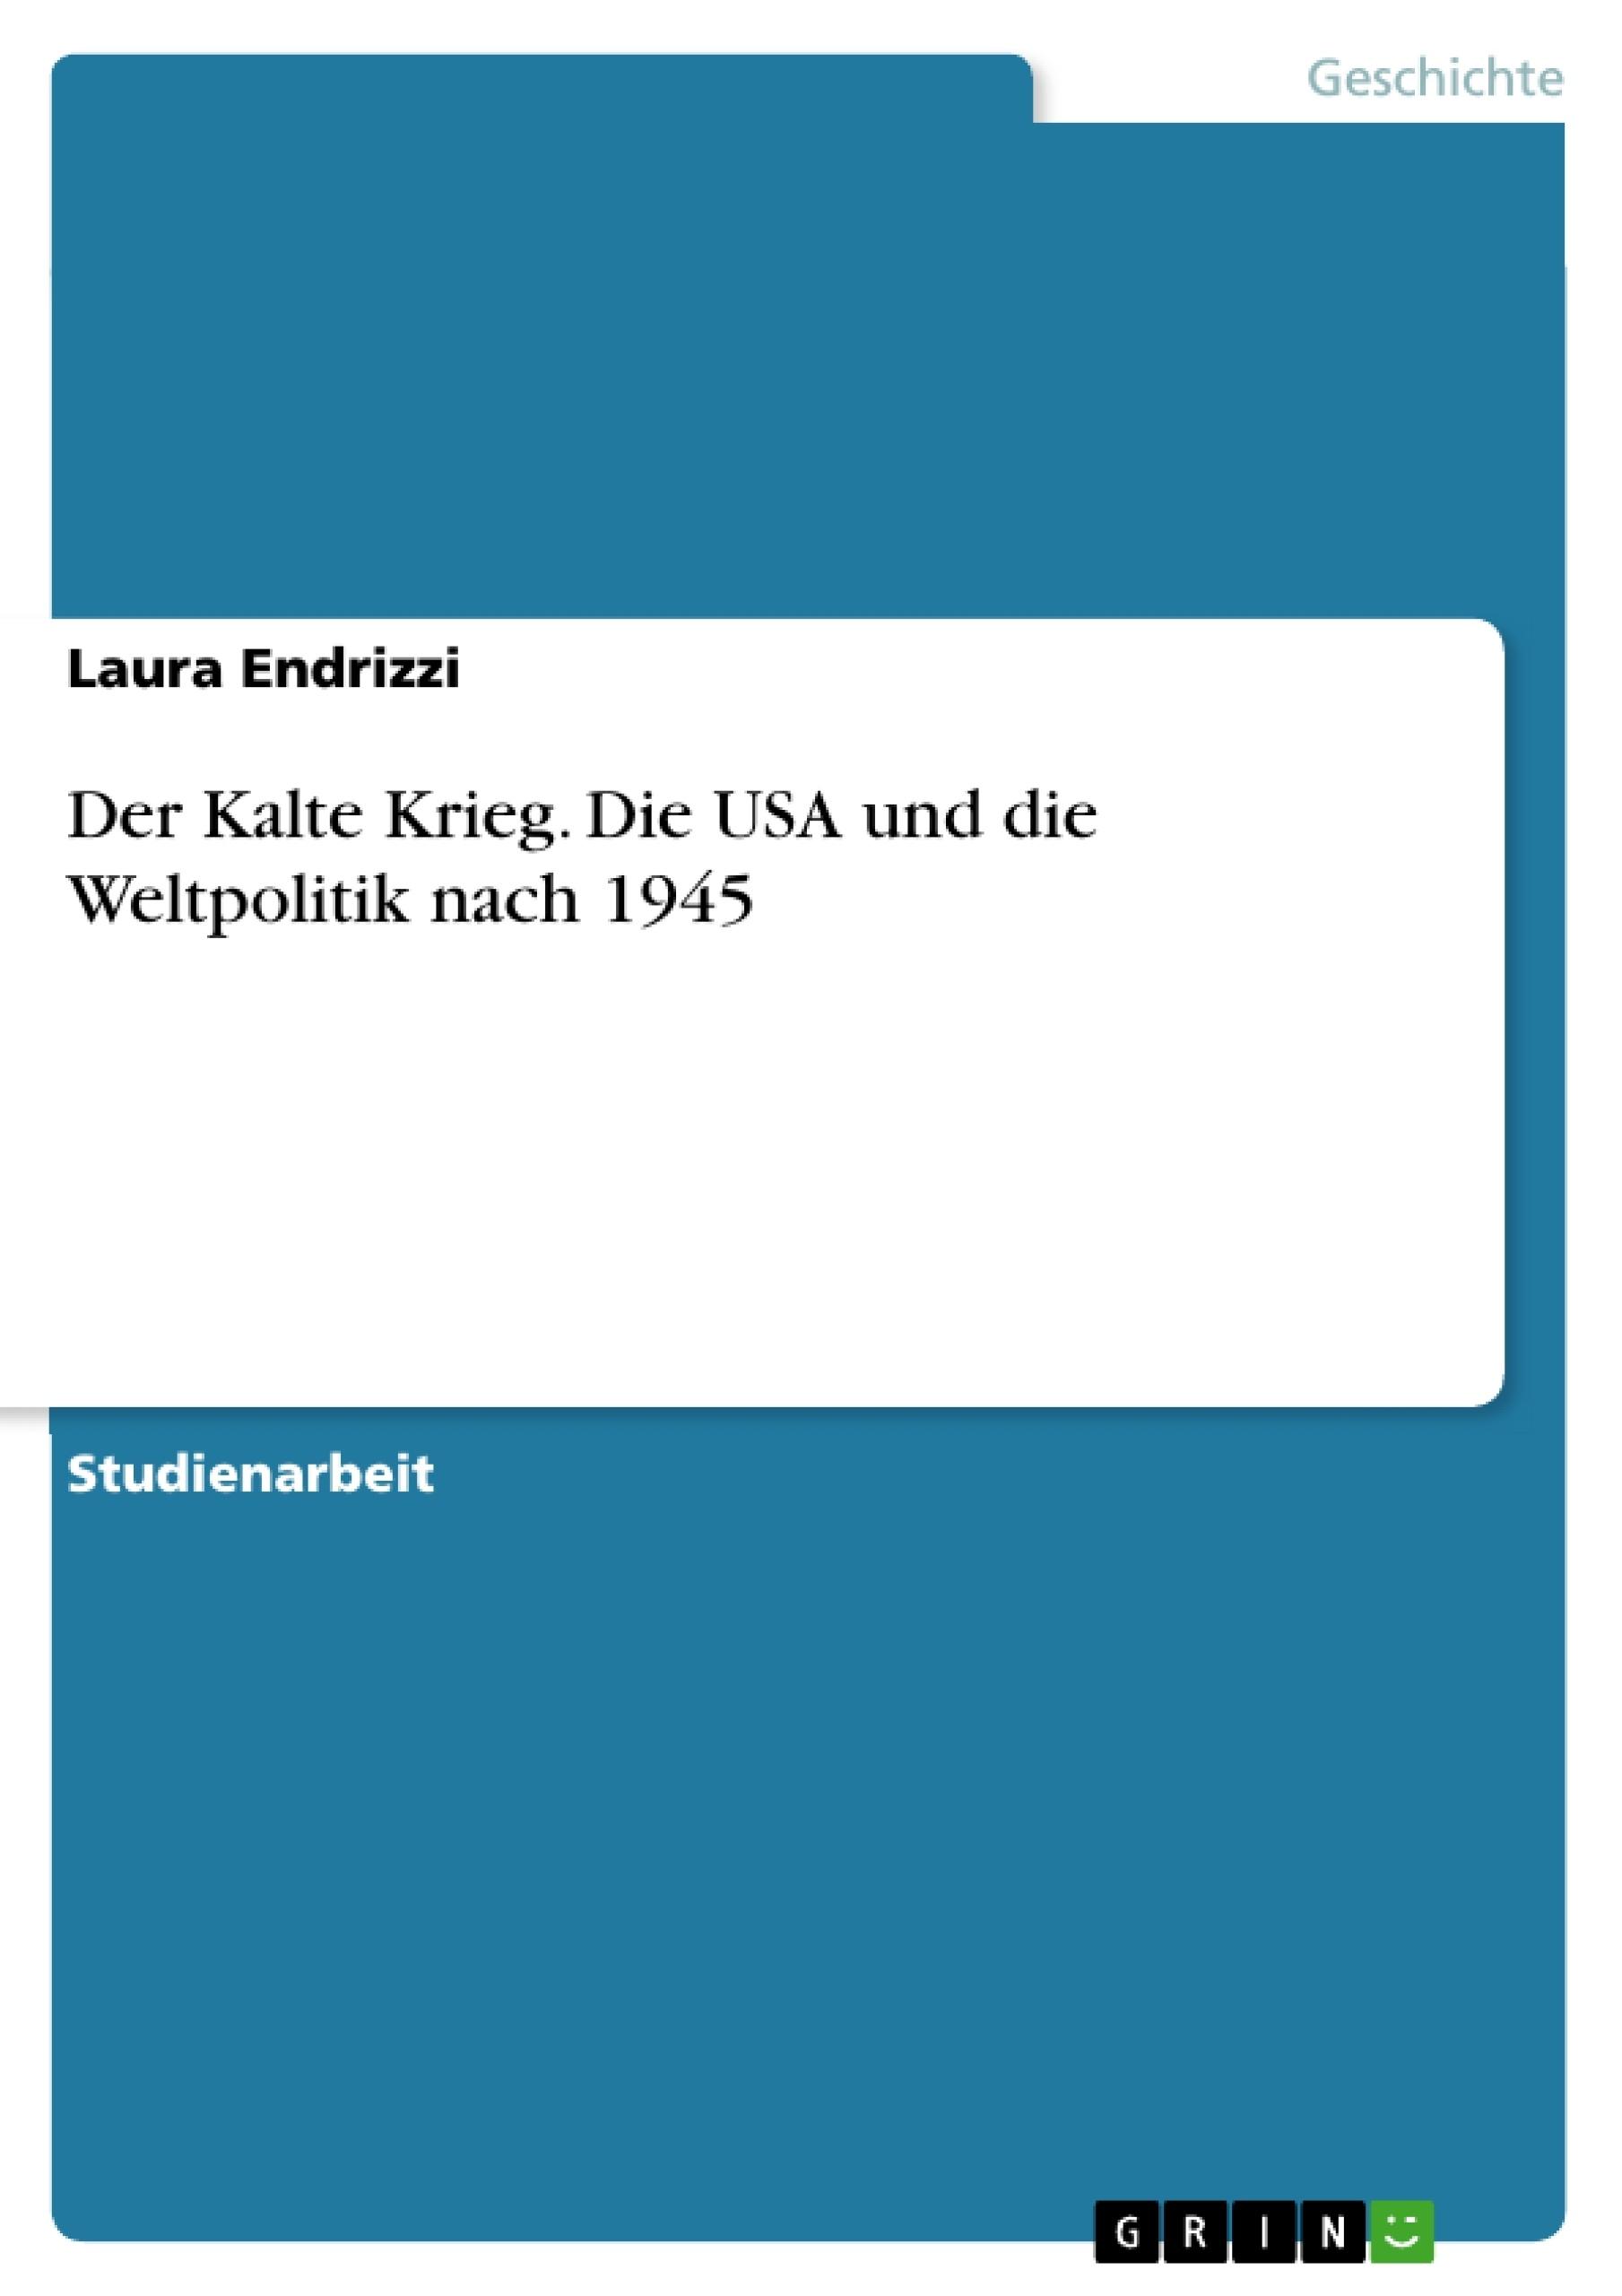 Titel: Der Kalte Krieg. Die USA und die Weltpolitik nach 1945